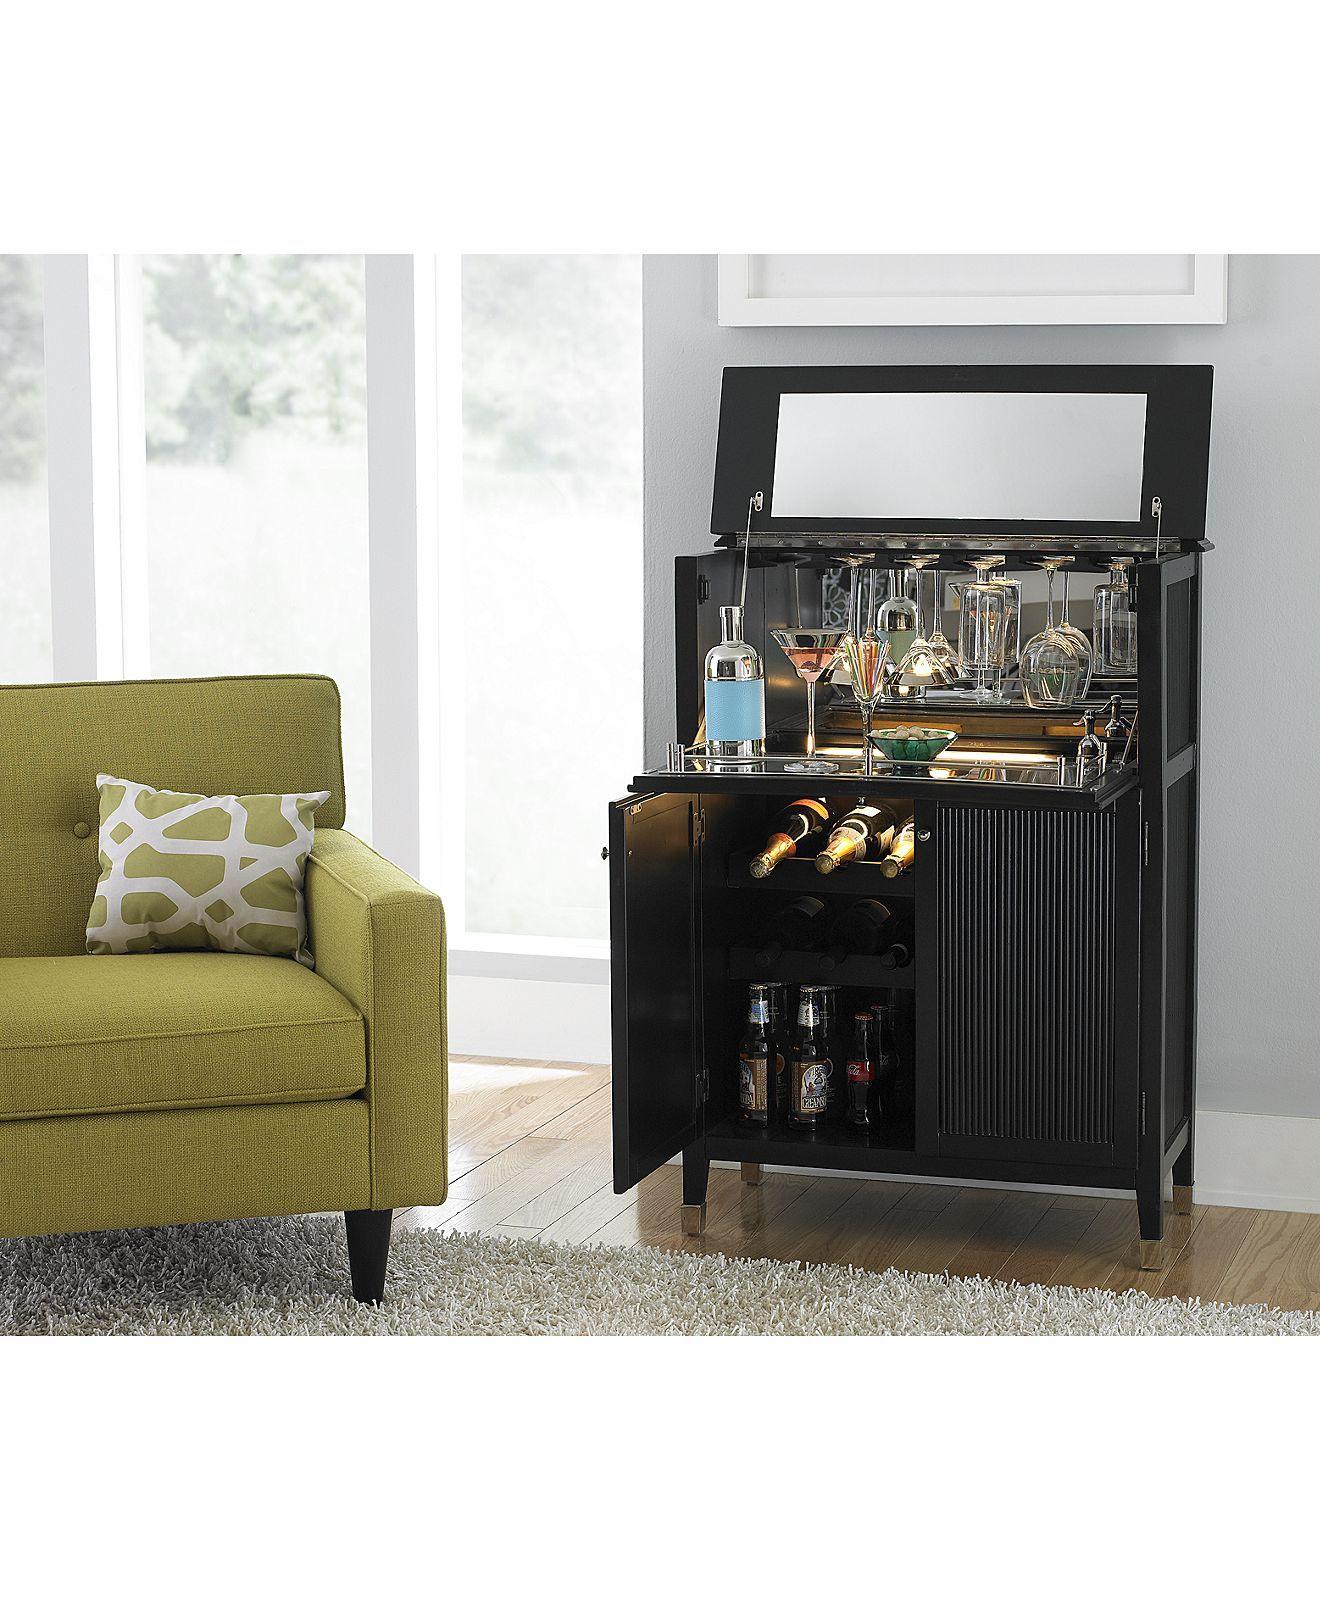 CLOSEOUT! Liona Bar | Bar furniture, Bar and Furniture ideas